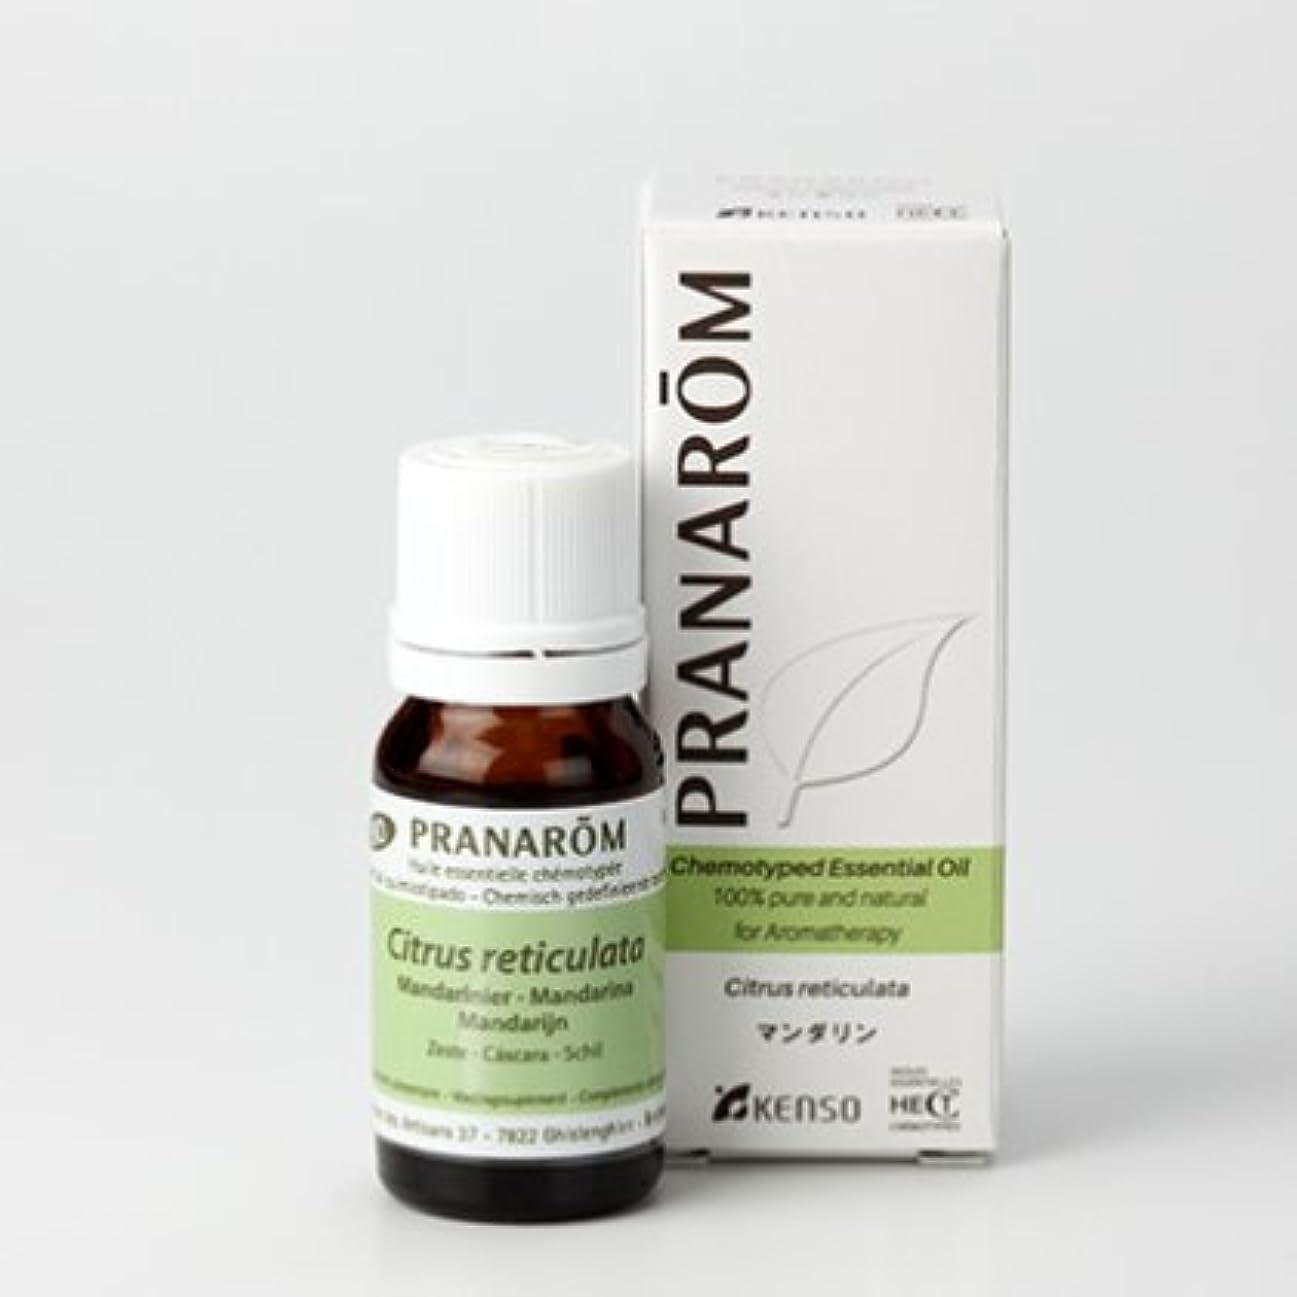 最適それるフリルマンダリン 10ml プラナロム社エッセンシャルオイル(精油) 柑橘系トップノート